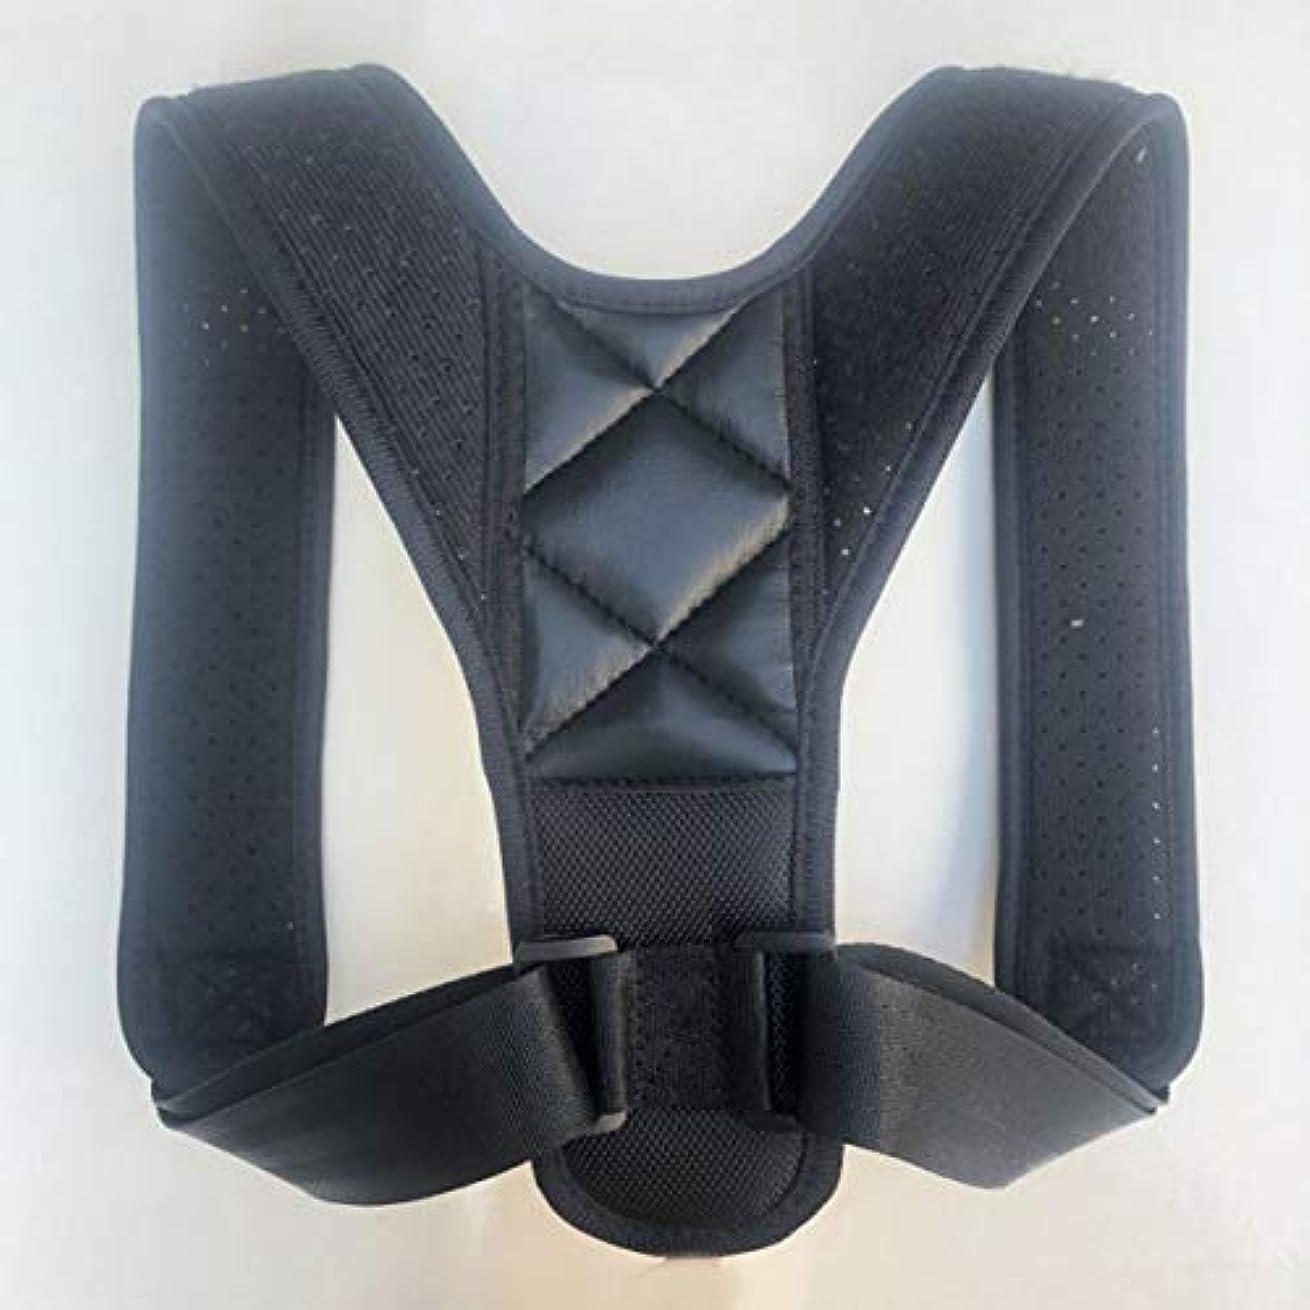 感謝している危険を冒します調整アッパーバックポスチャーコレクター姿勢鎖骨サポートコレクターバックストレートショルダーブレースストラップコレクター - ブラック